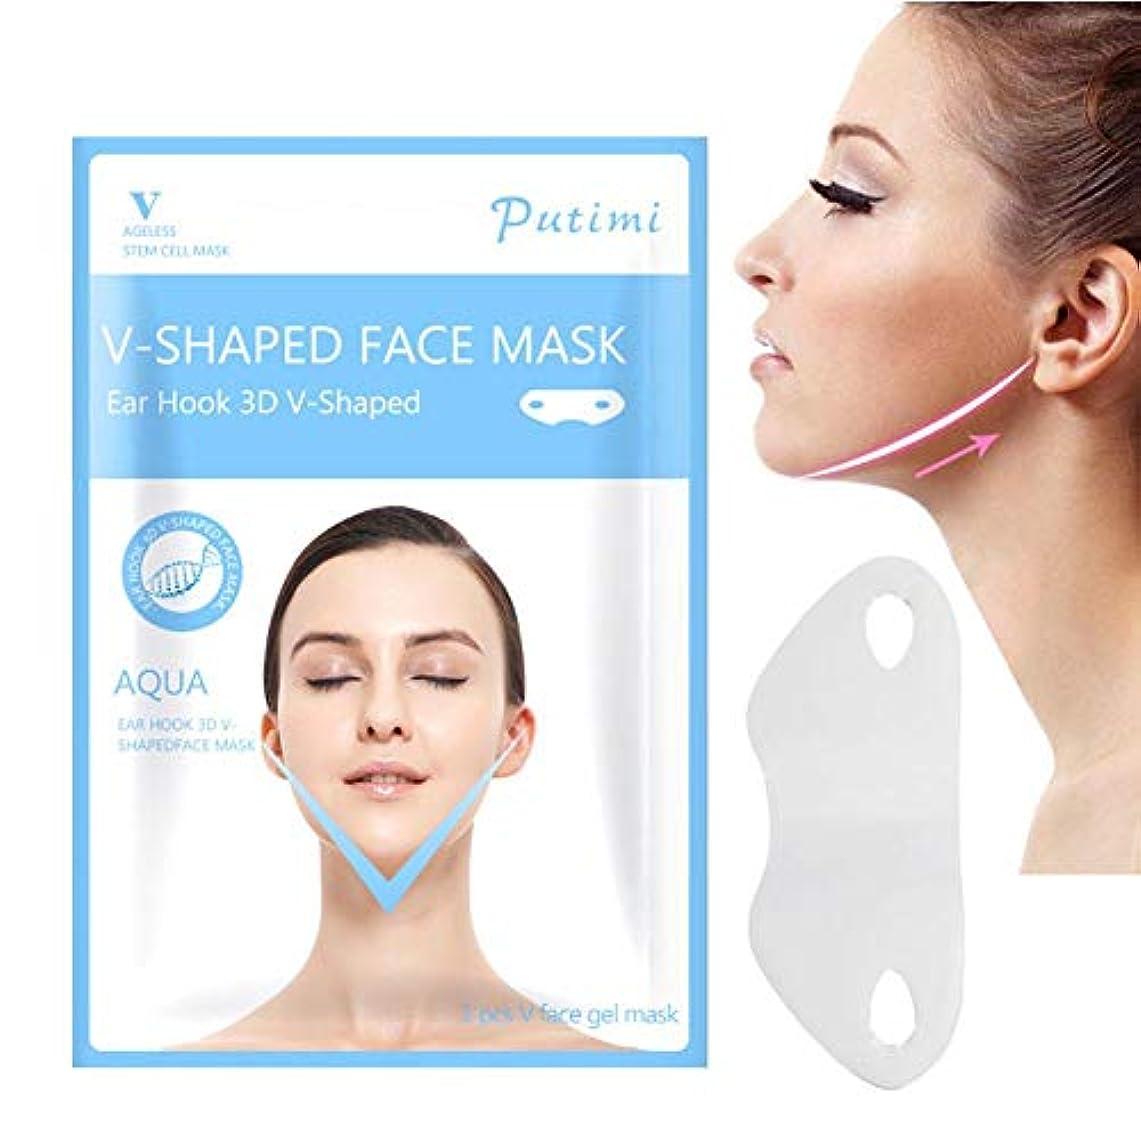 ガチョウフェード市の中心部SILUN 最新型 Vフェイシャルマスク フェイスマスク 小顔 マスク フェイスラインベルト 美顔 顔痩せ 保湿 血行を促進する 睡眠マスク